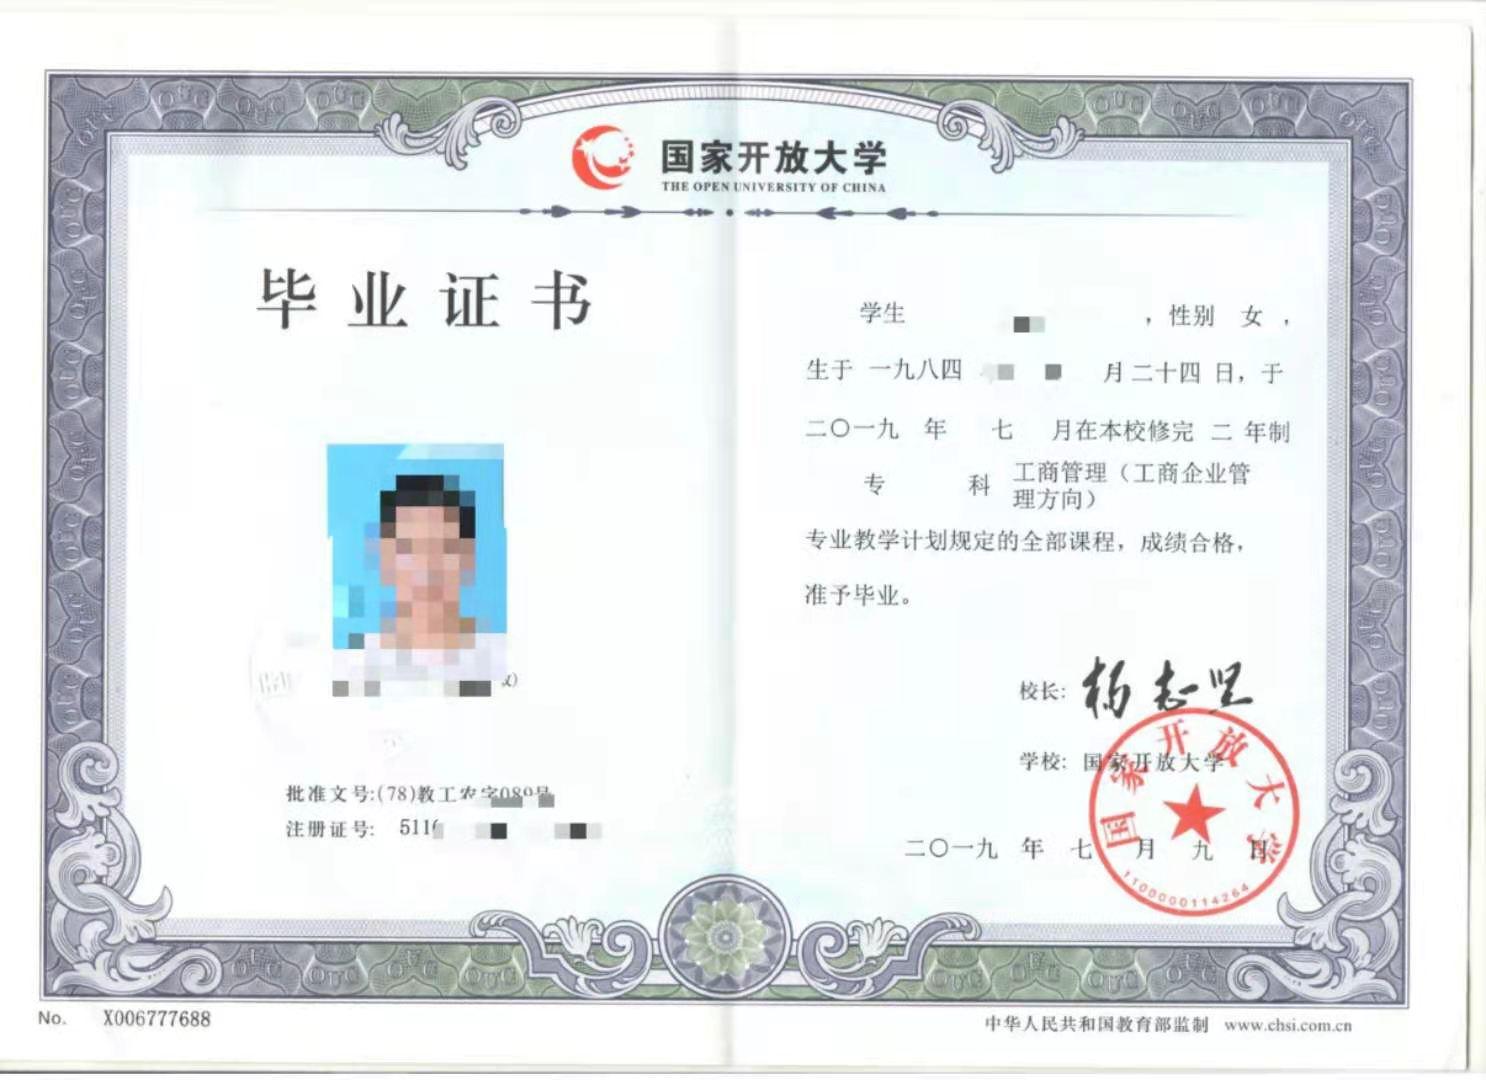 國家開放大學網(wang)絡教育